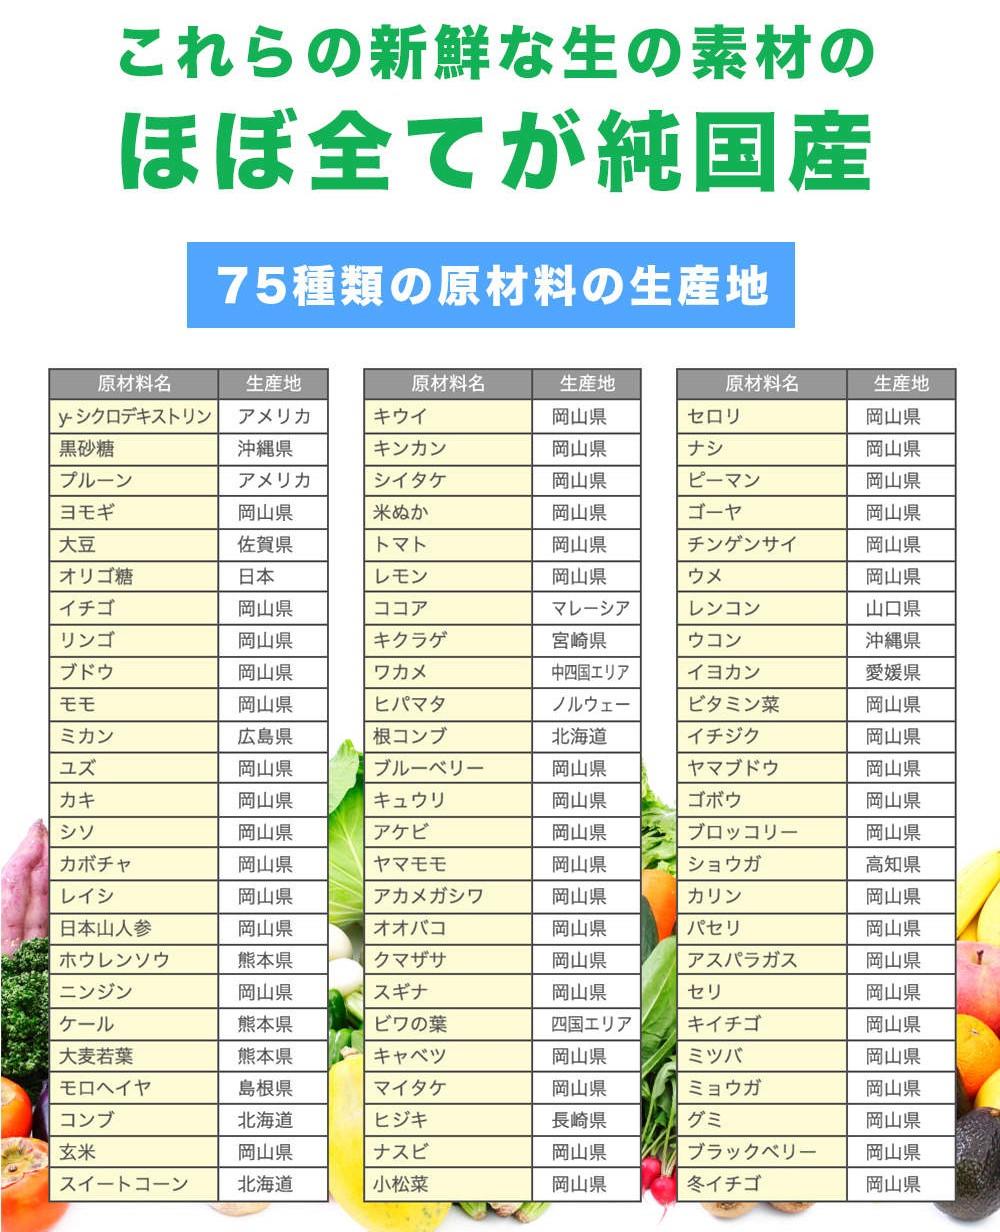 天然酵素りたんの国産素材75種の名前